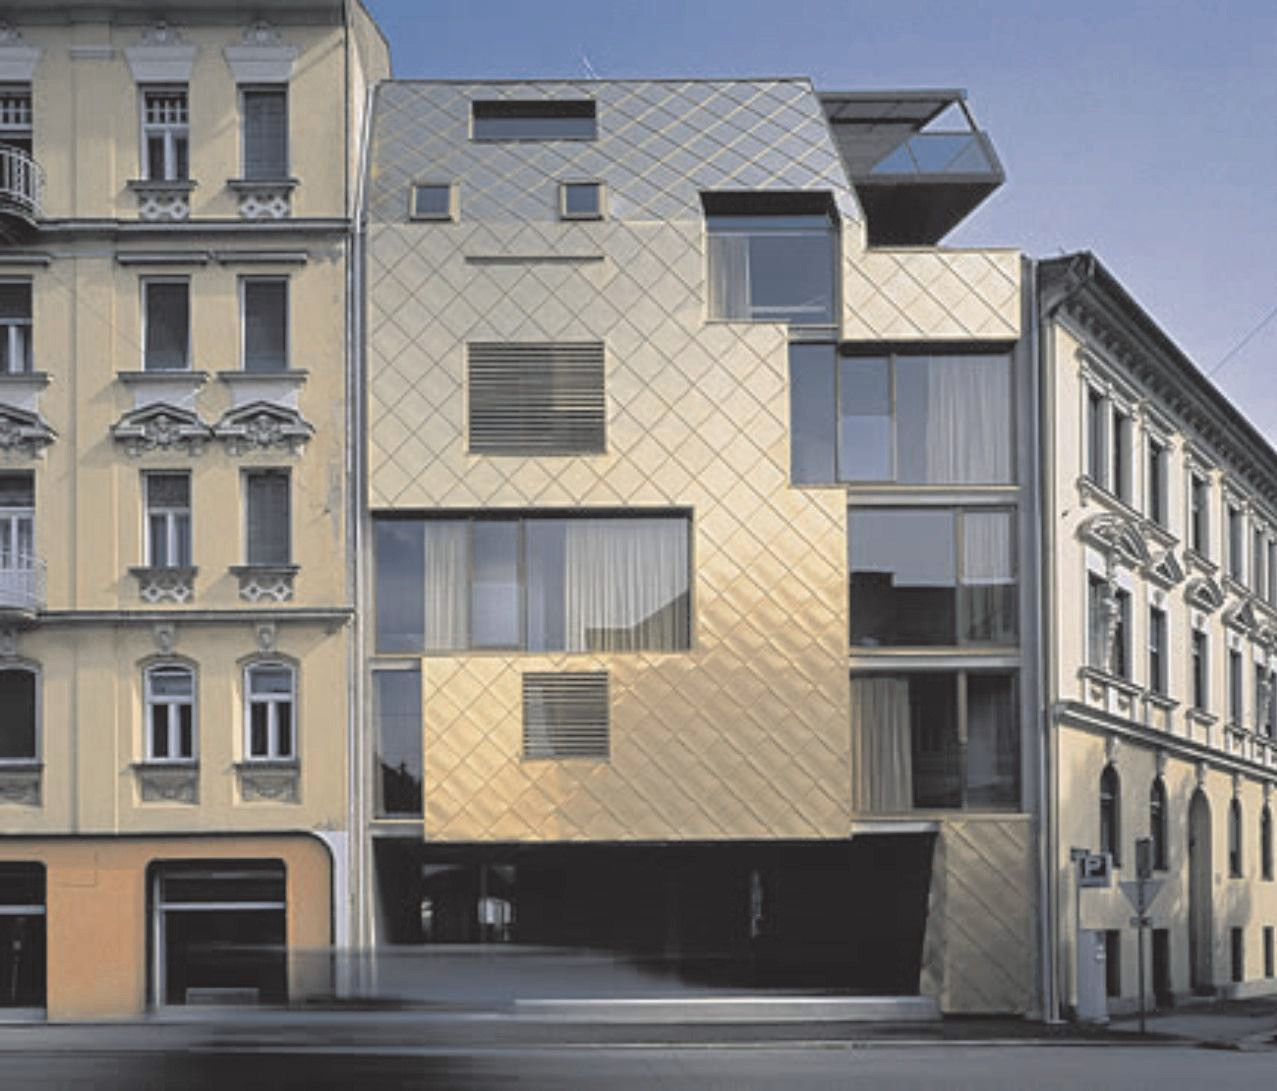 Архитектурное оформление фасада жилого здания медью